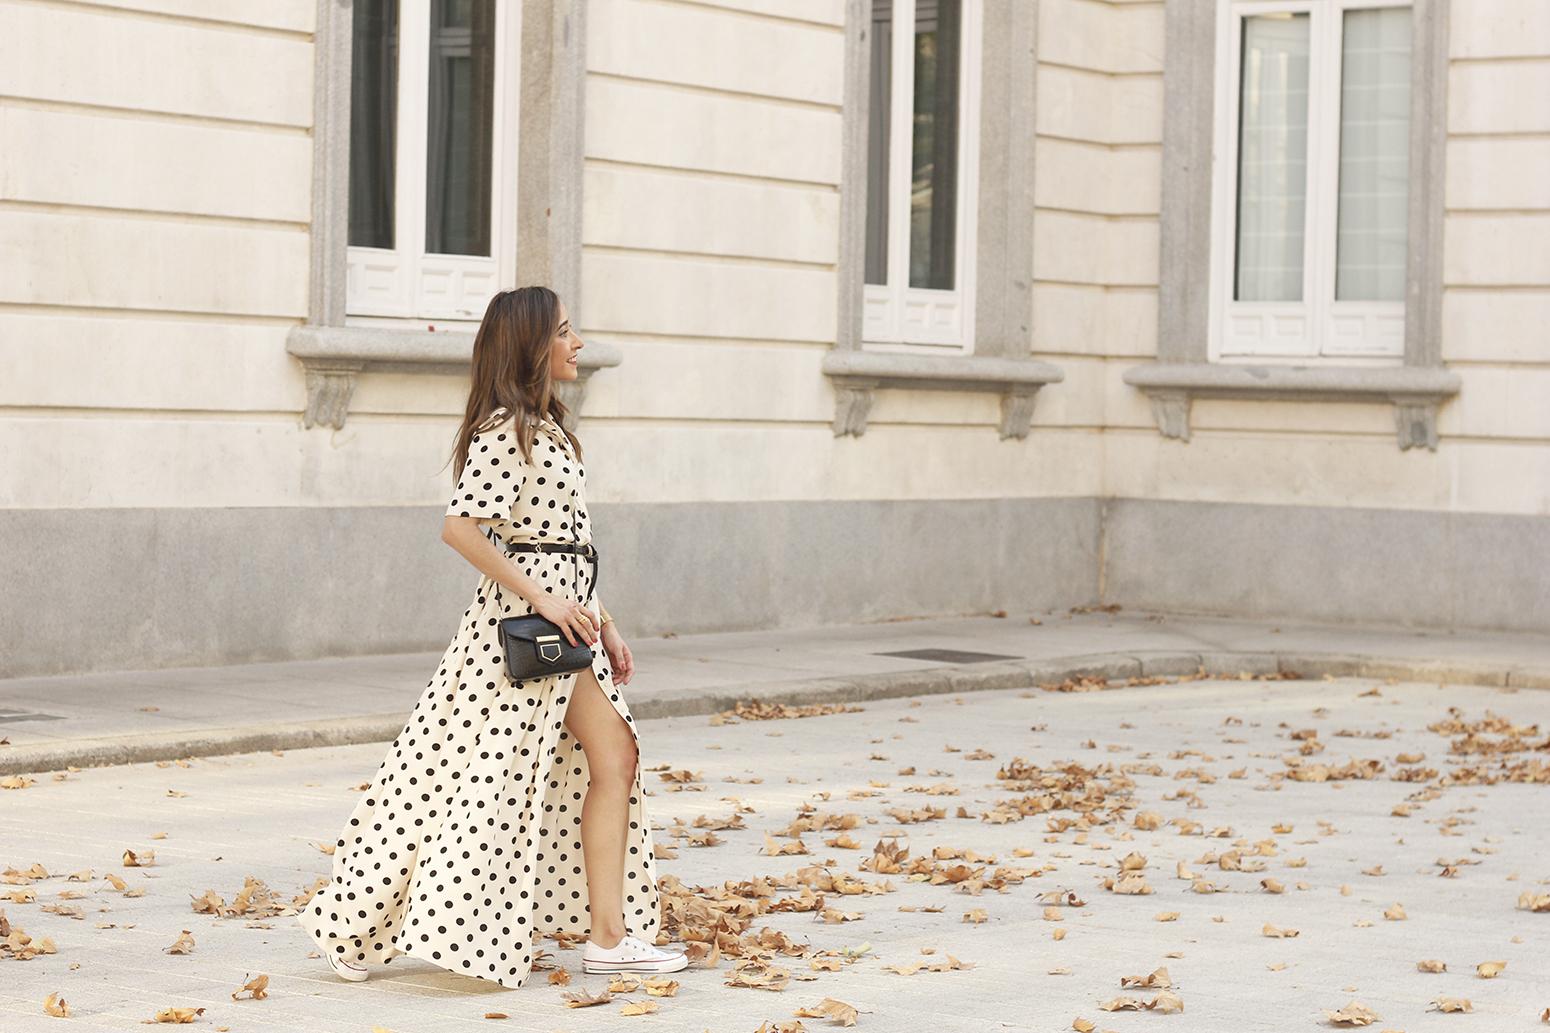 Maxi dress polka dots uterqüe converse givenchy bag summer outfit summer08